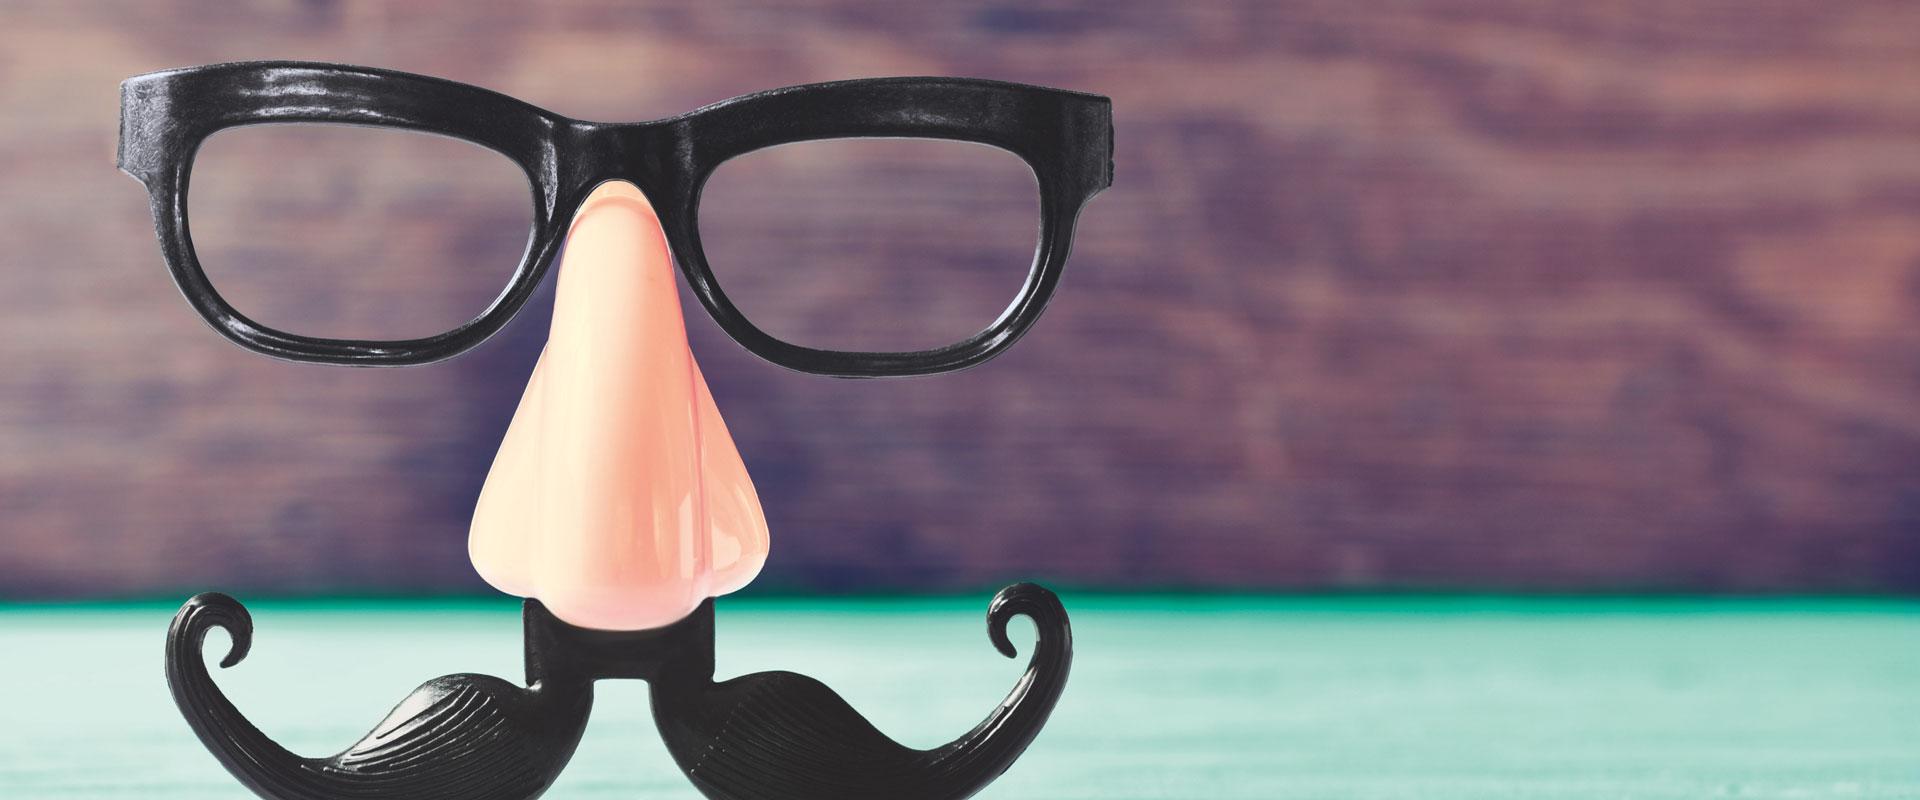 Brille - Nase - Schnauz